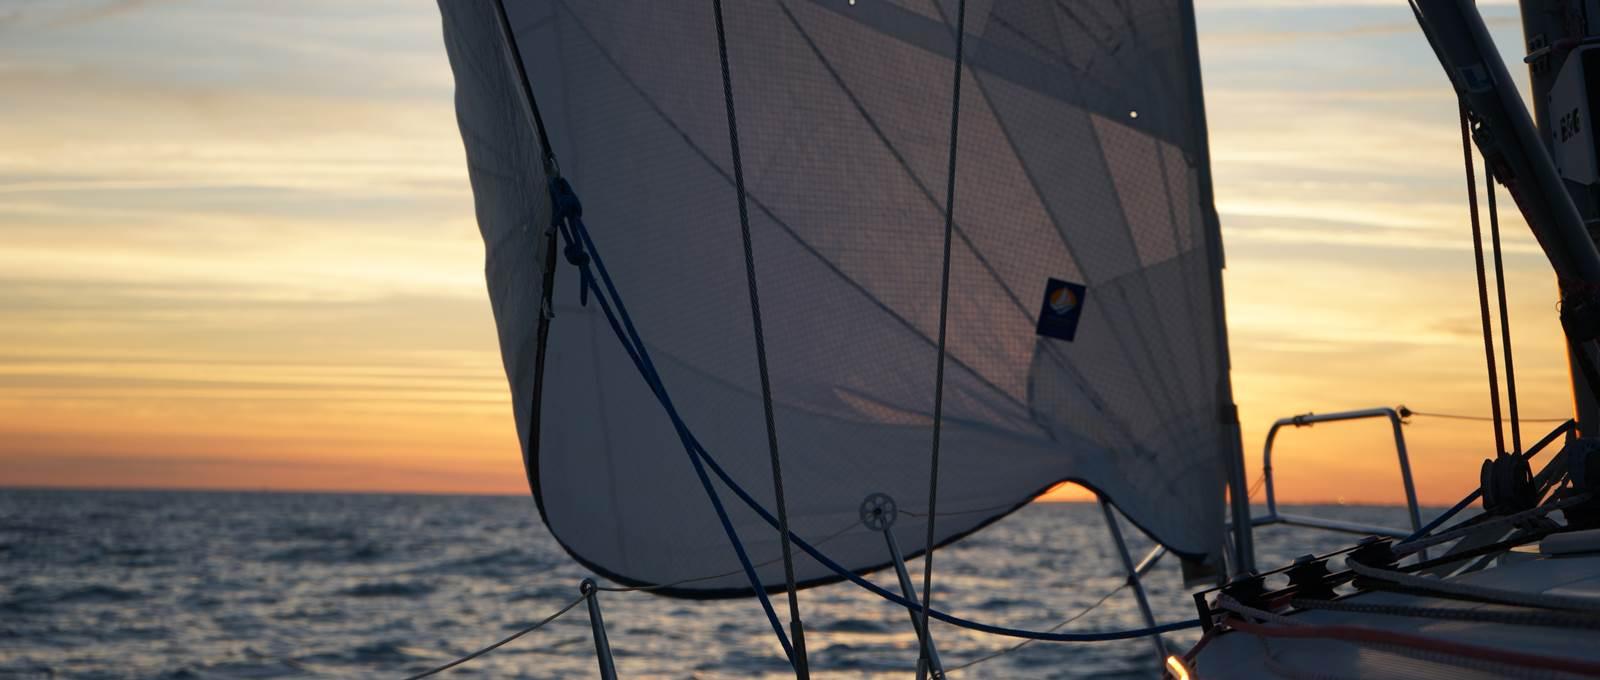 Soirée en navigation avec Envol à Voile